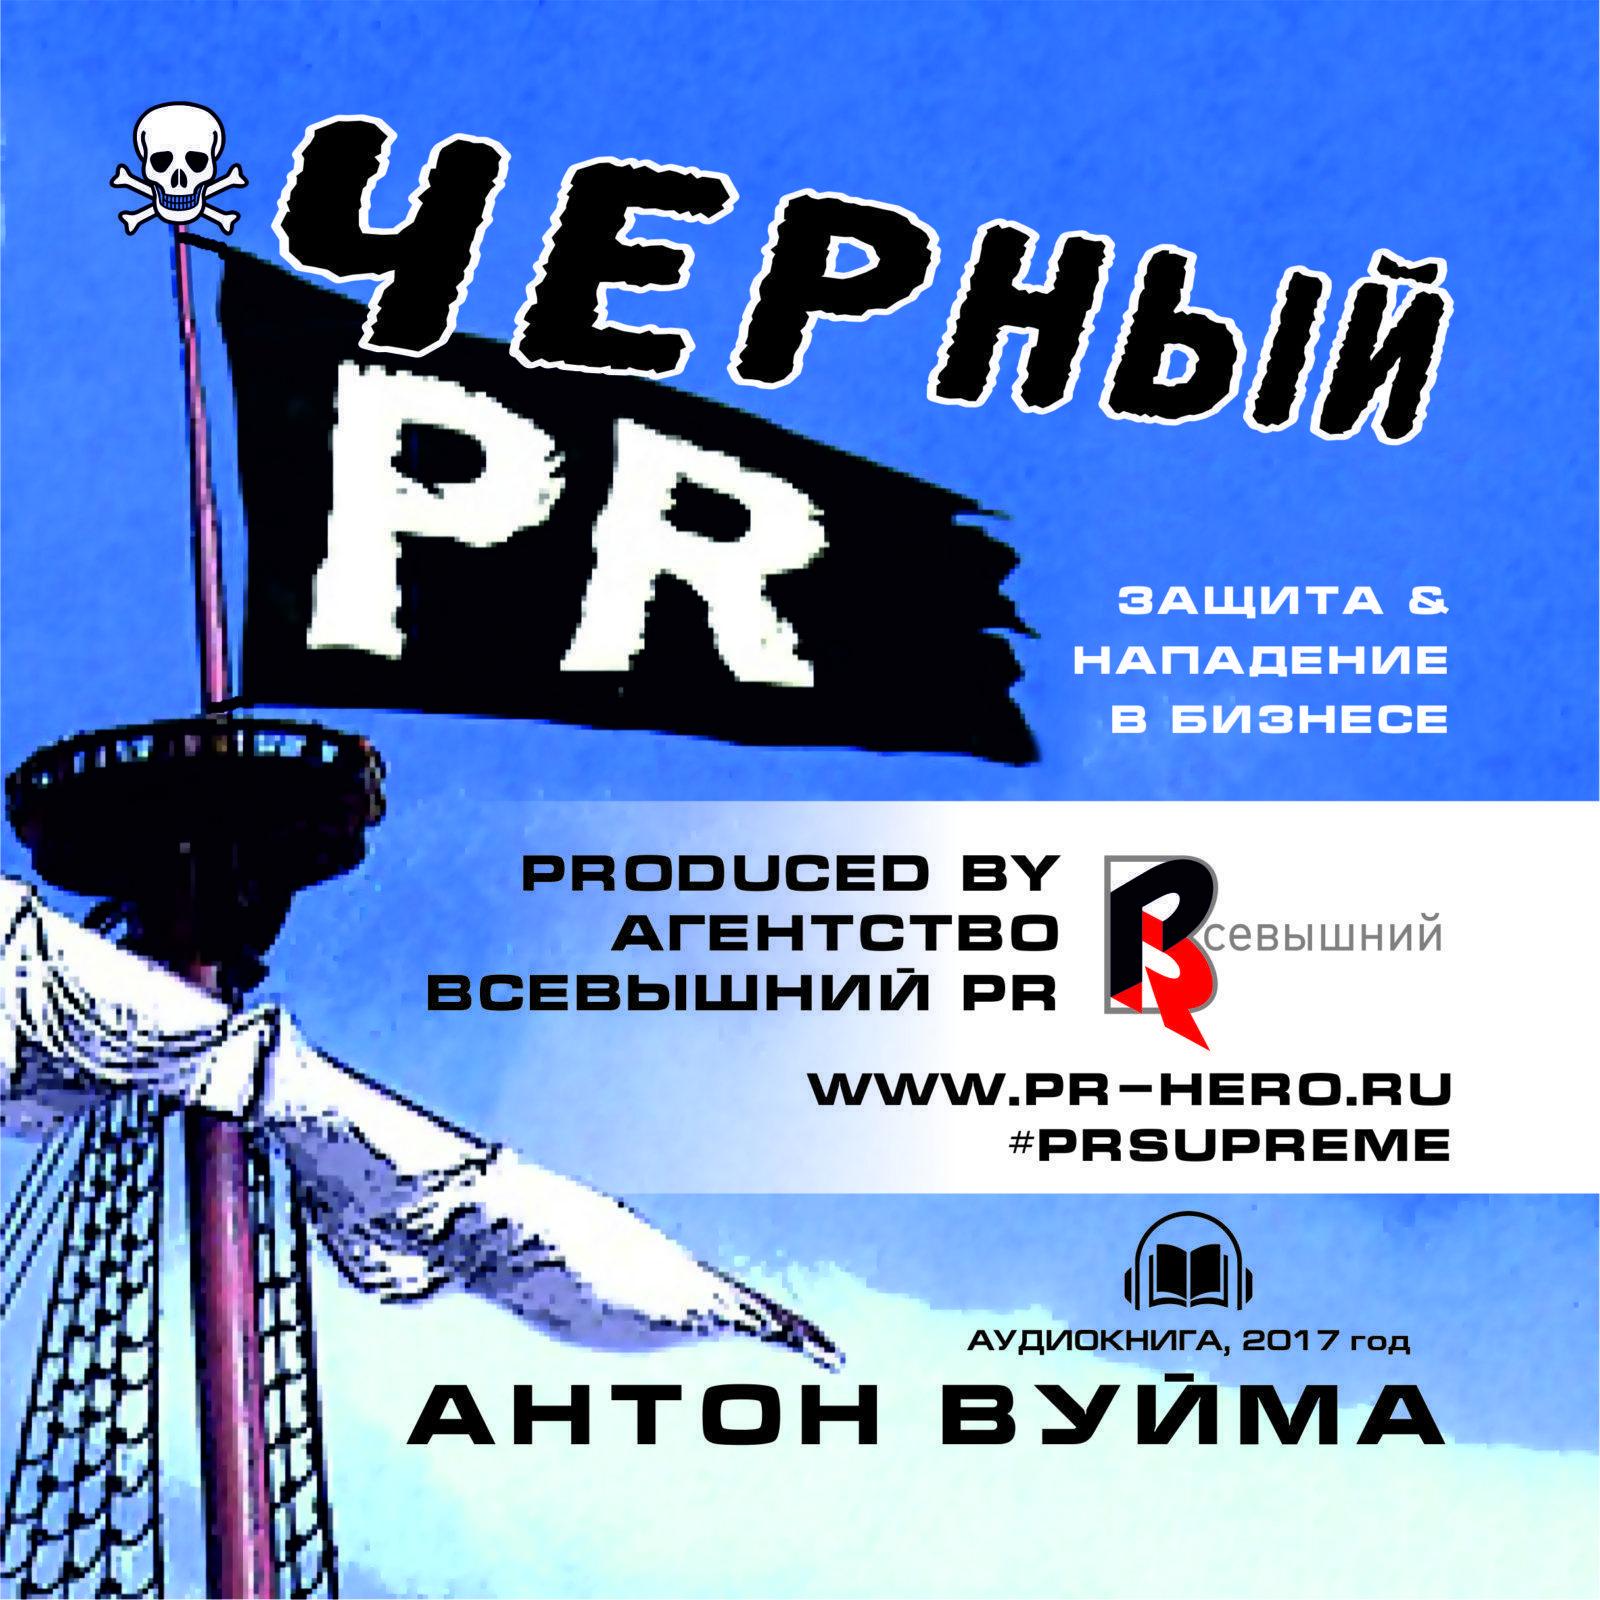 """Вышла книга Антона Вуймы """"Черный PR"""" 1"""